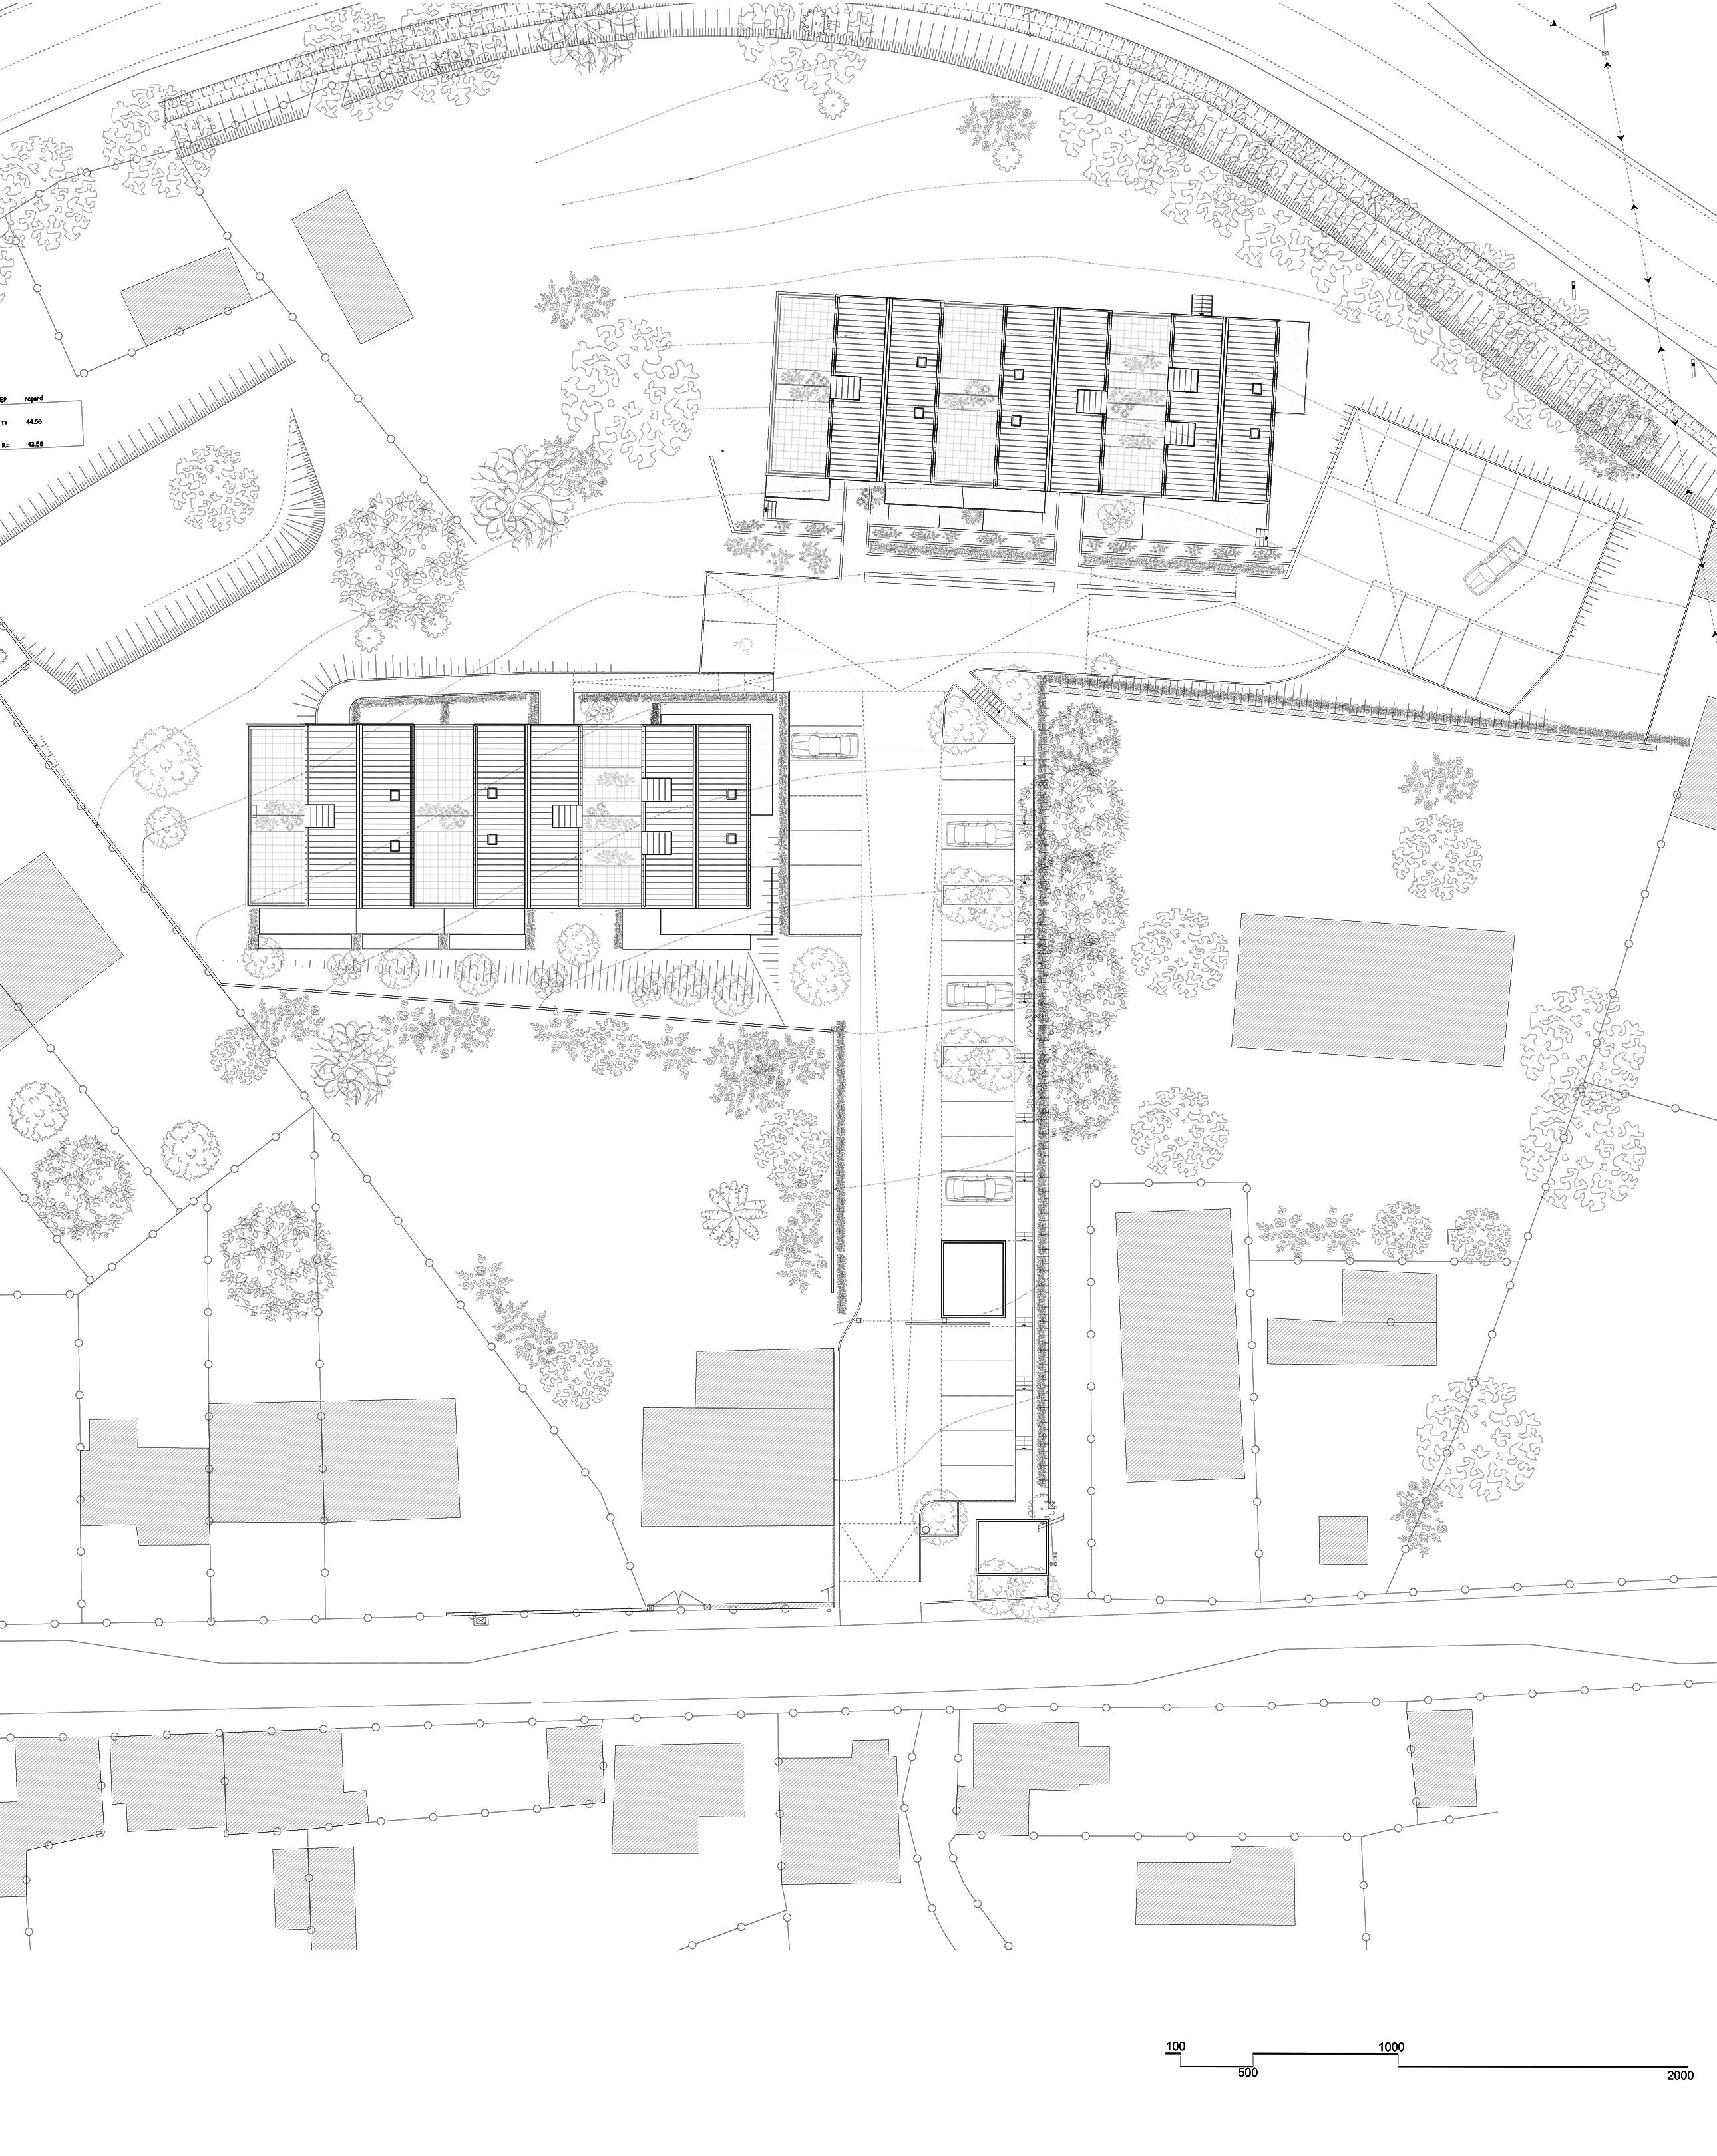 Querencia | Atelier d'architecture | Les Terrasses du Jet | Plan masse